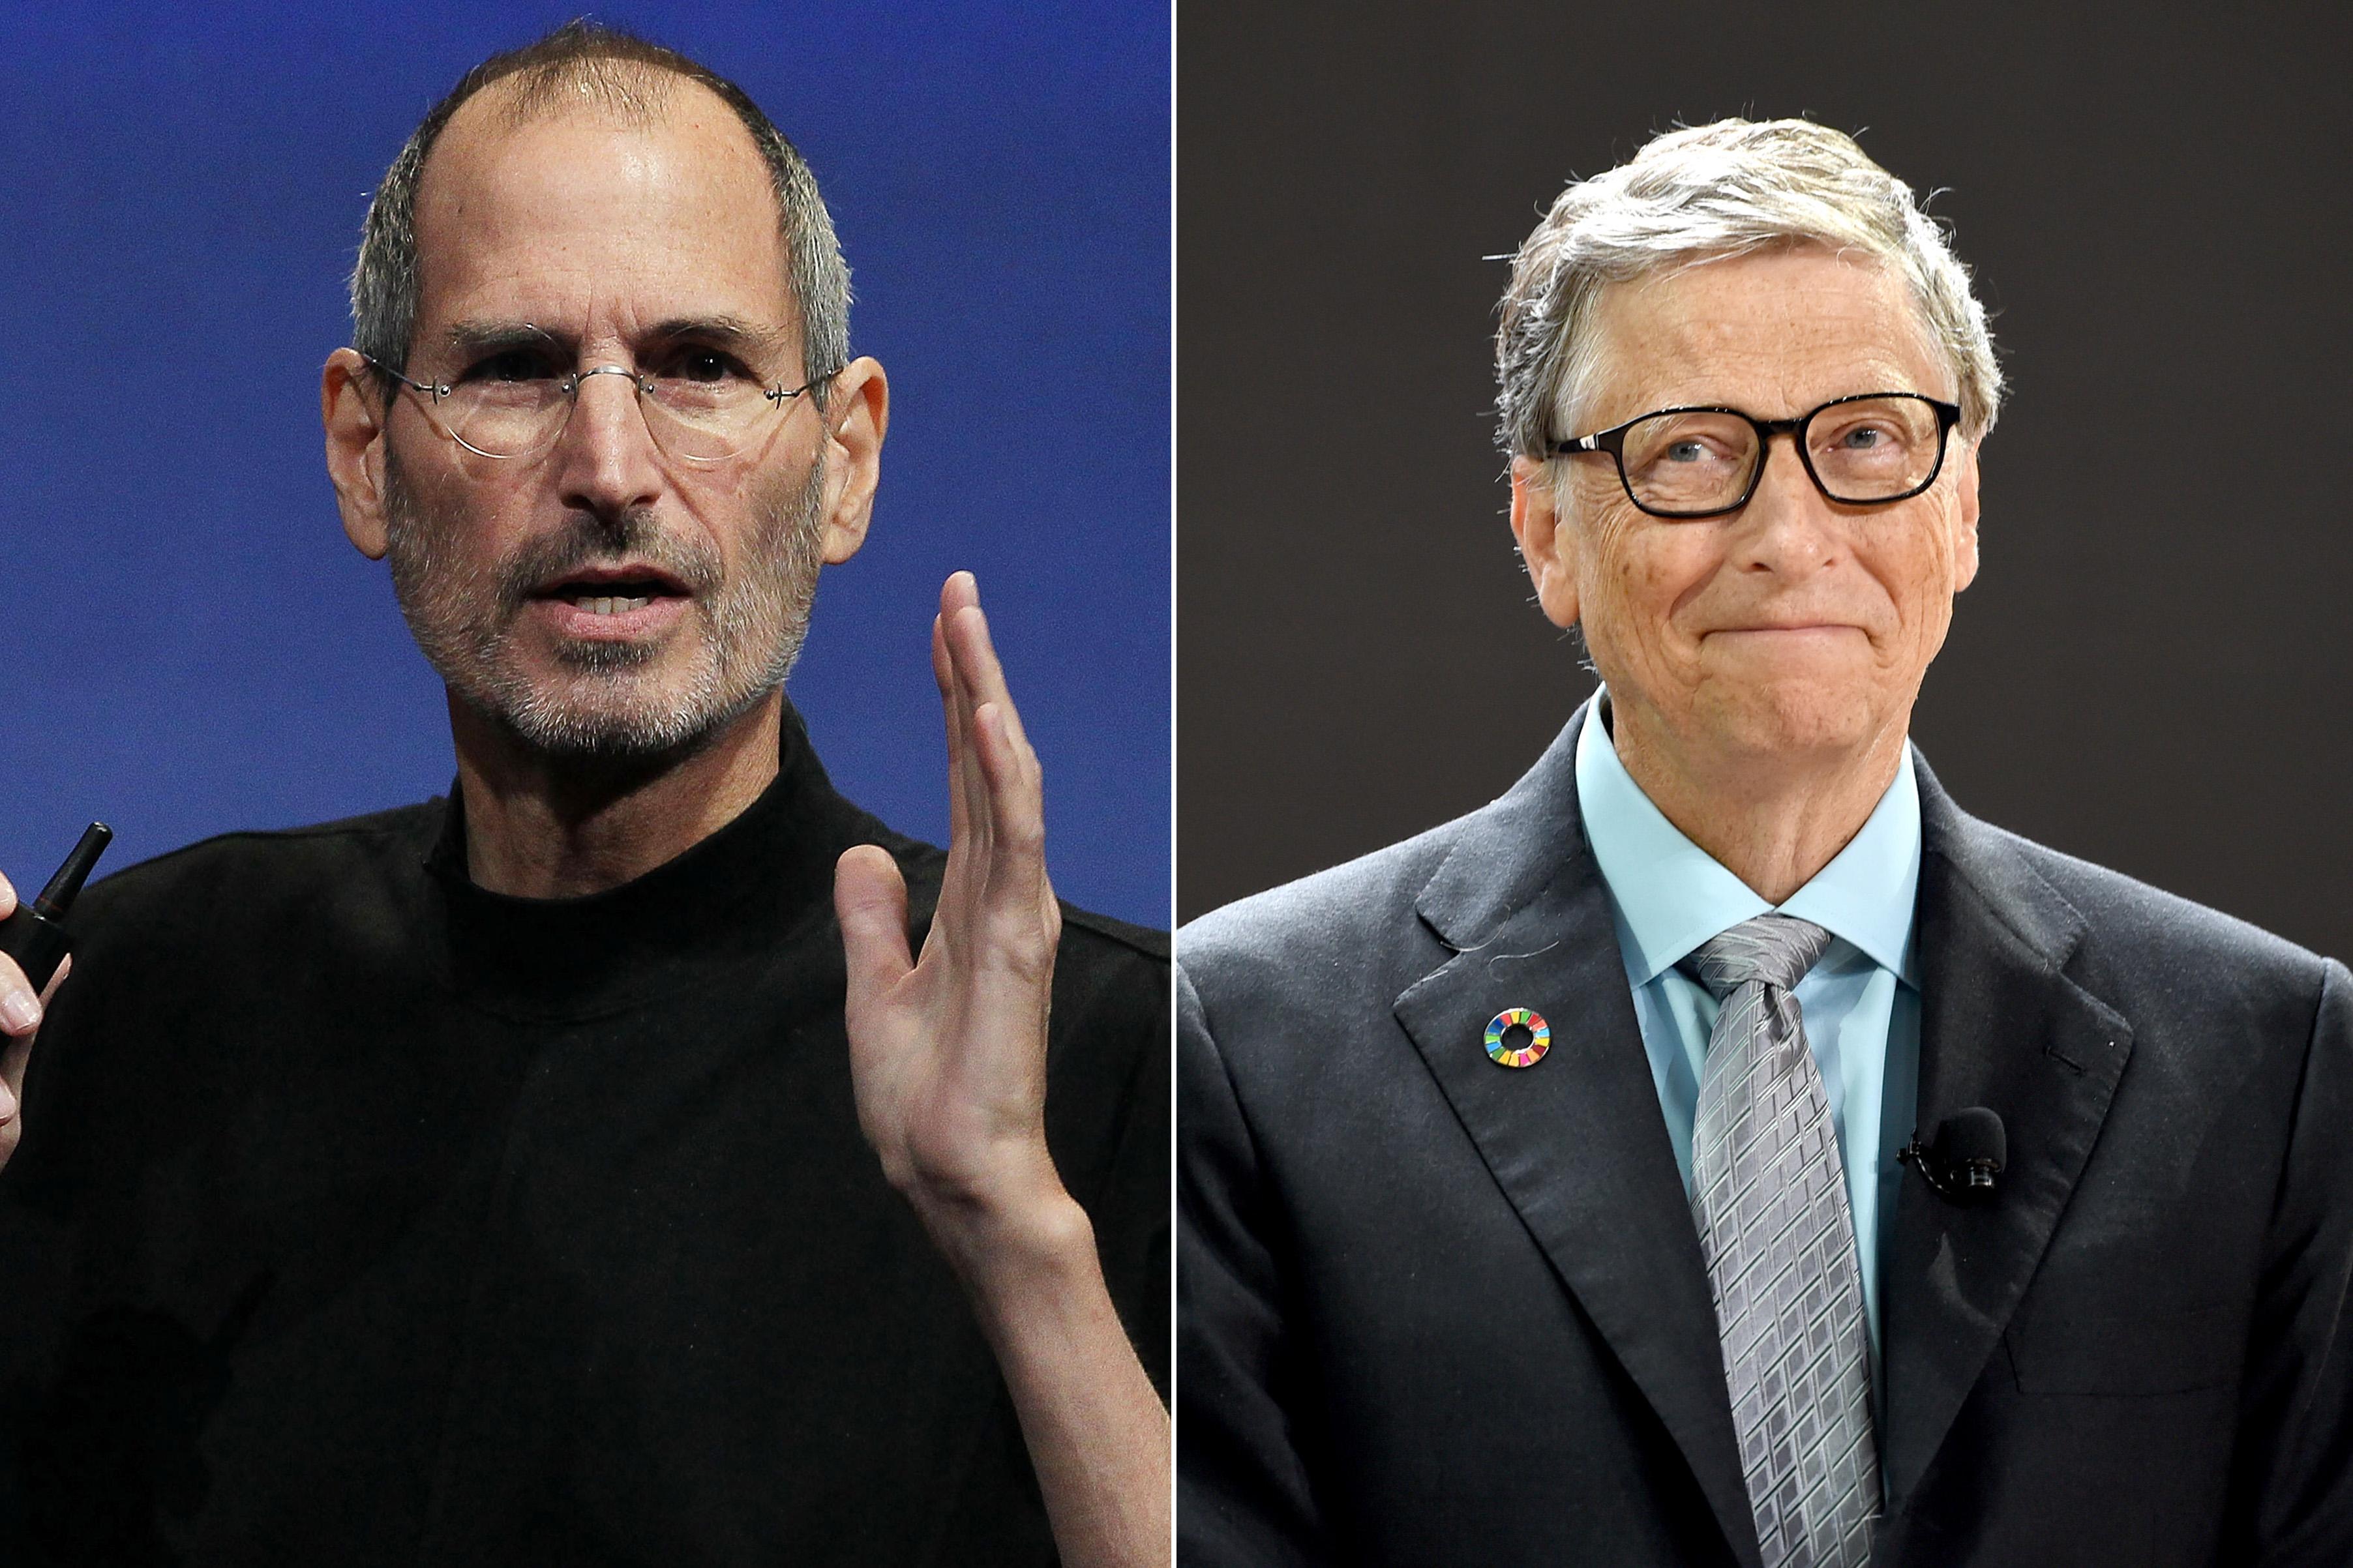 أشهر الشخصيات التقنية steve jobs vs bill gates